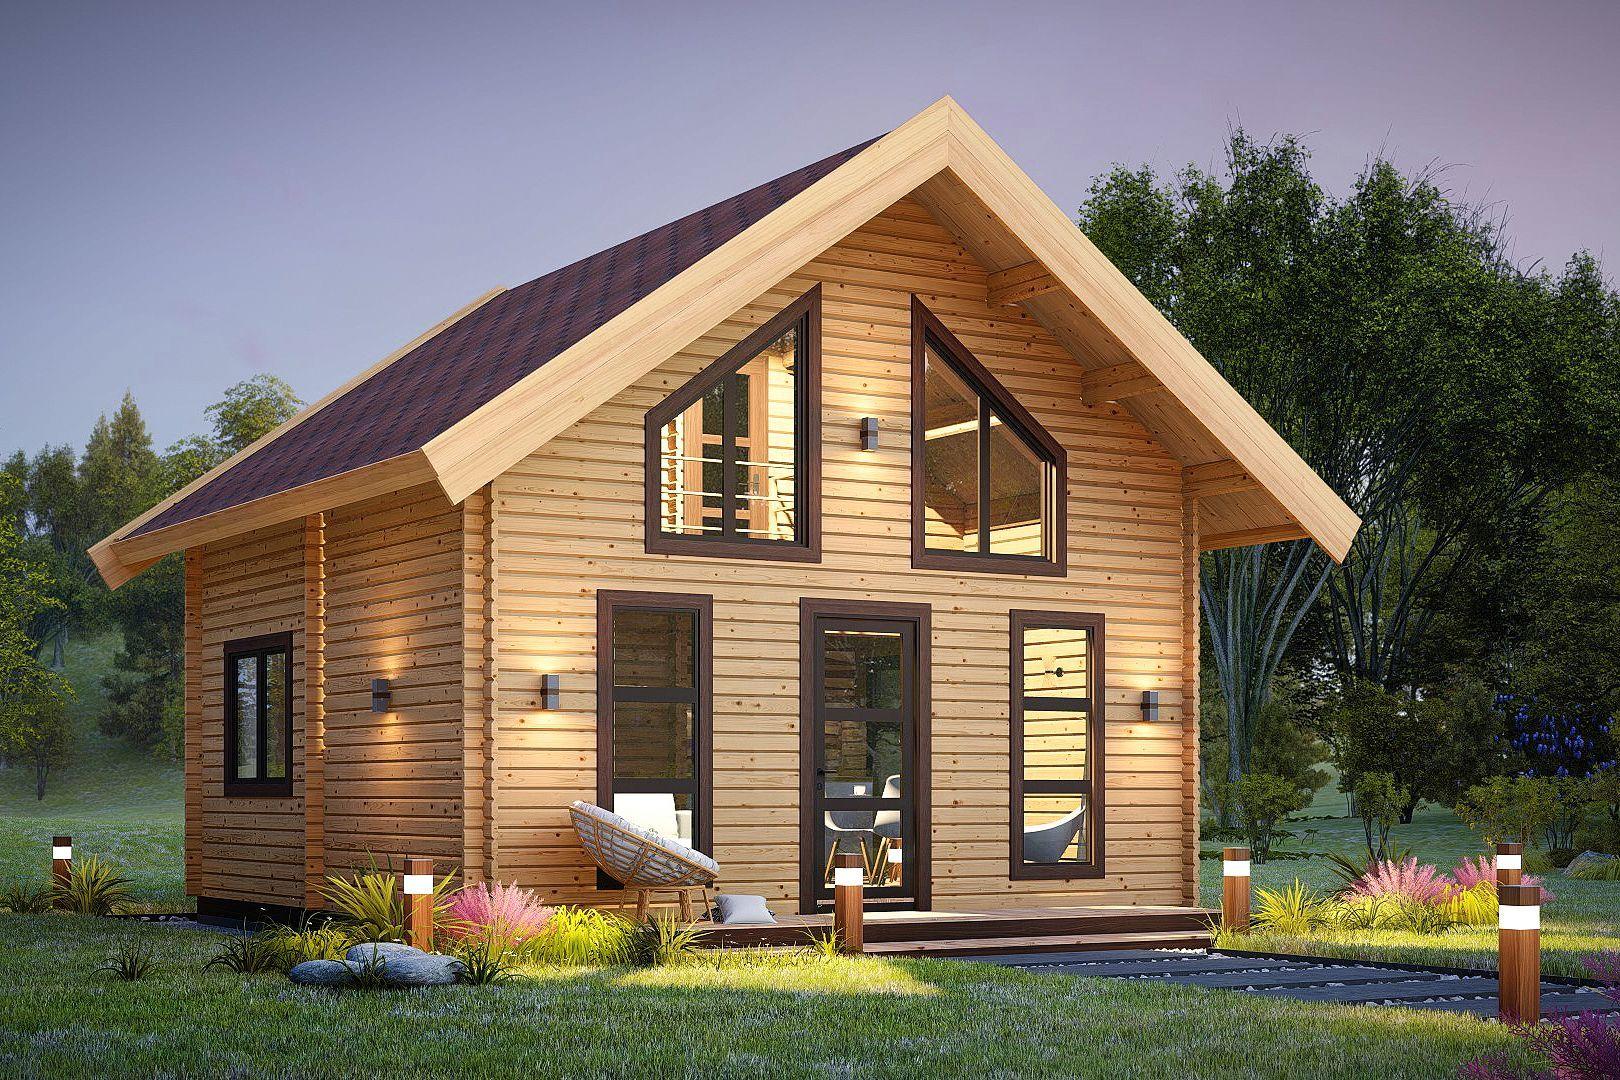 картинки новых дачных домов экстраординарное место для